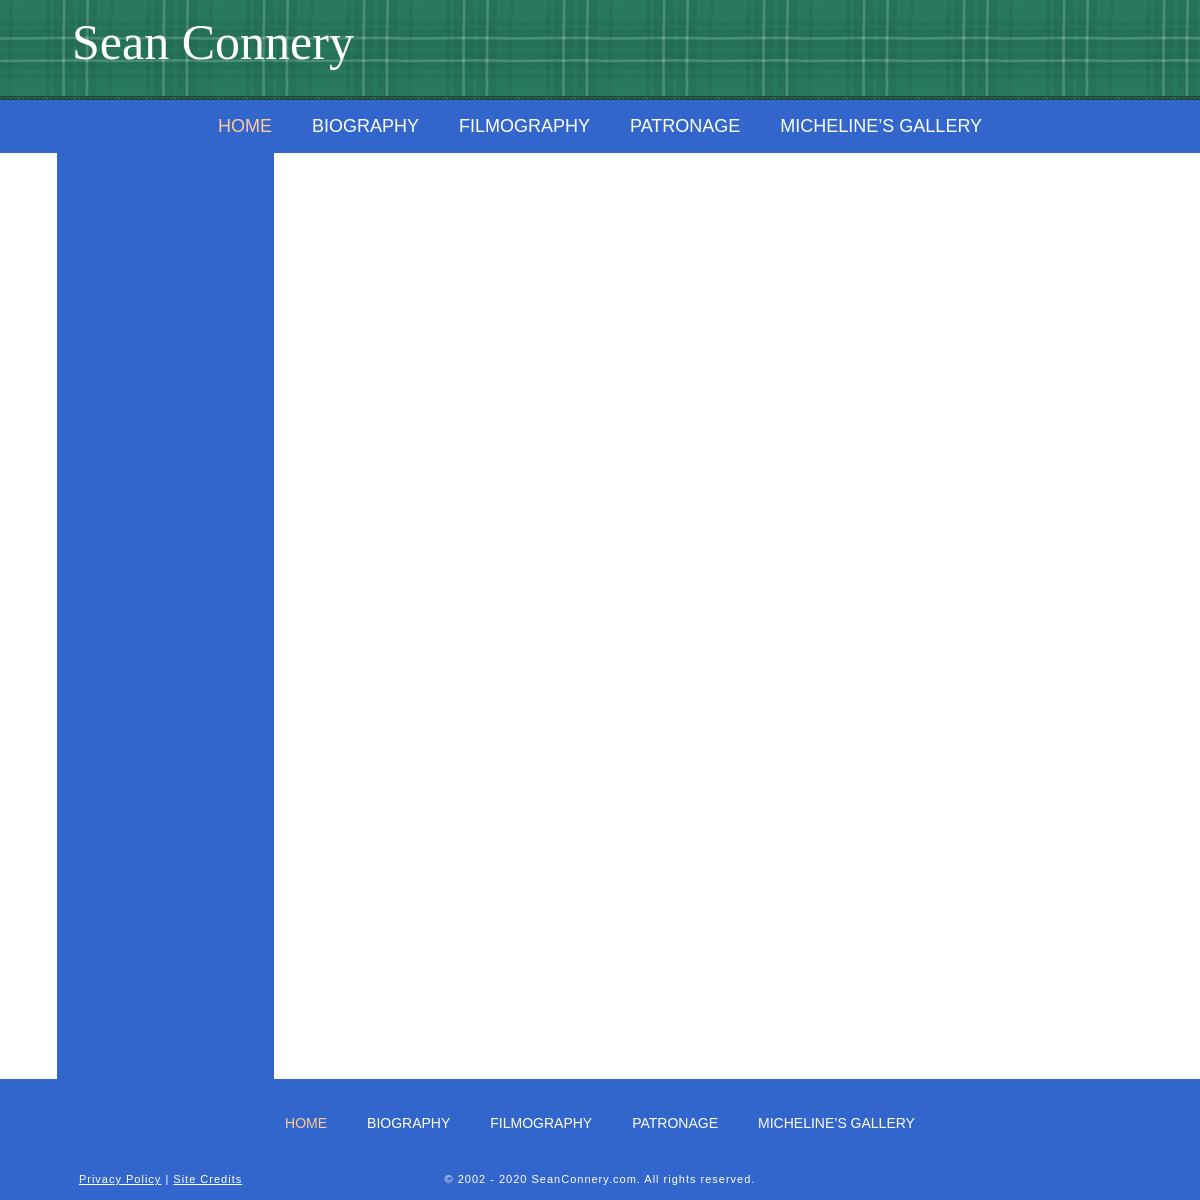 Home - SeanConnery.com